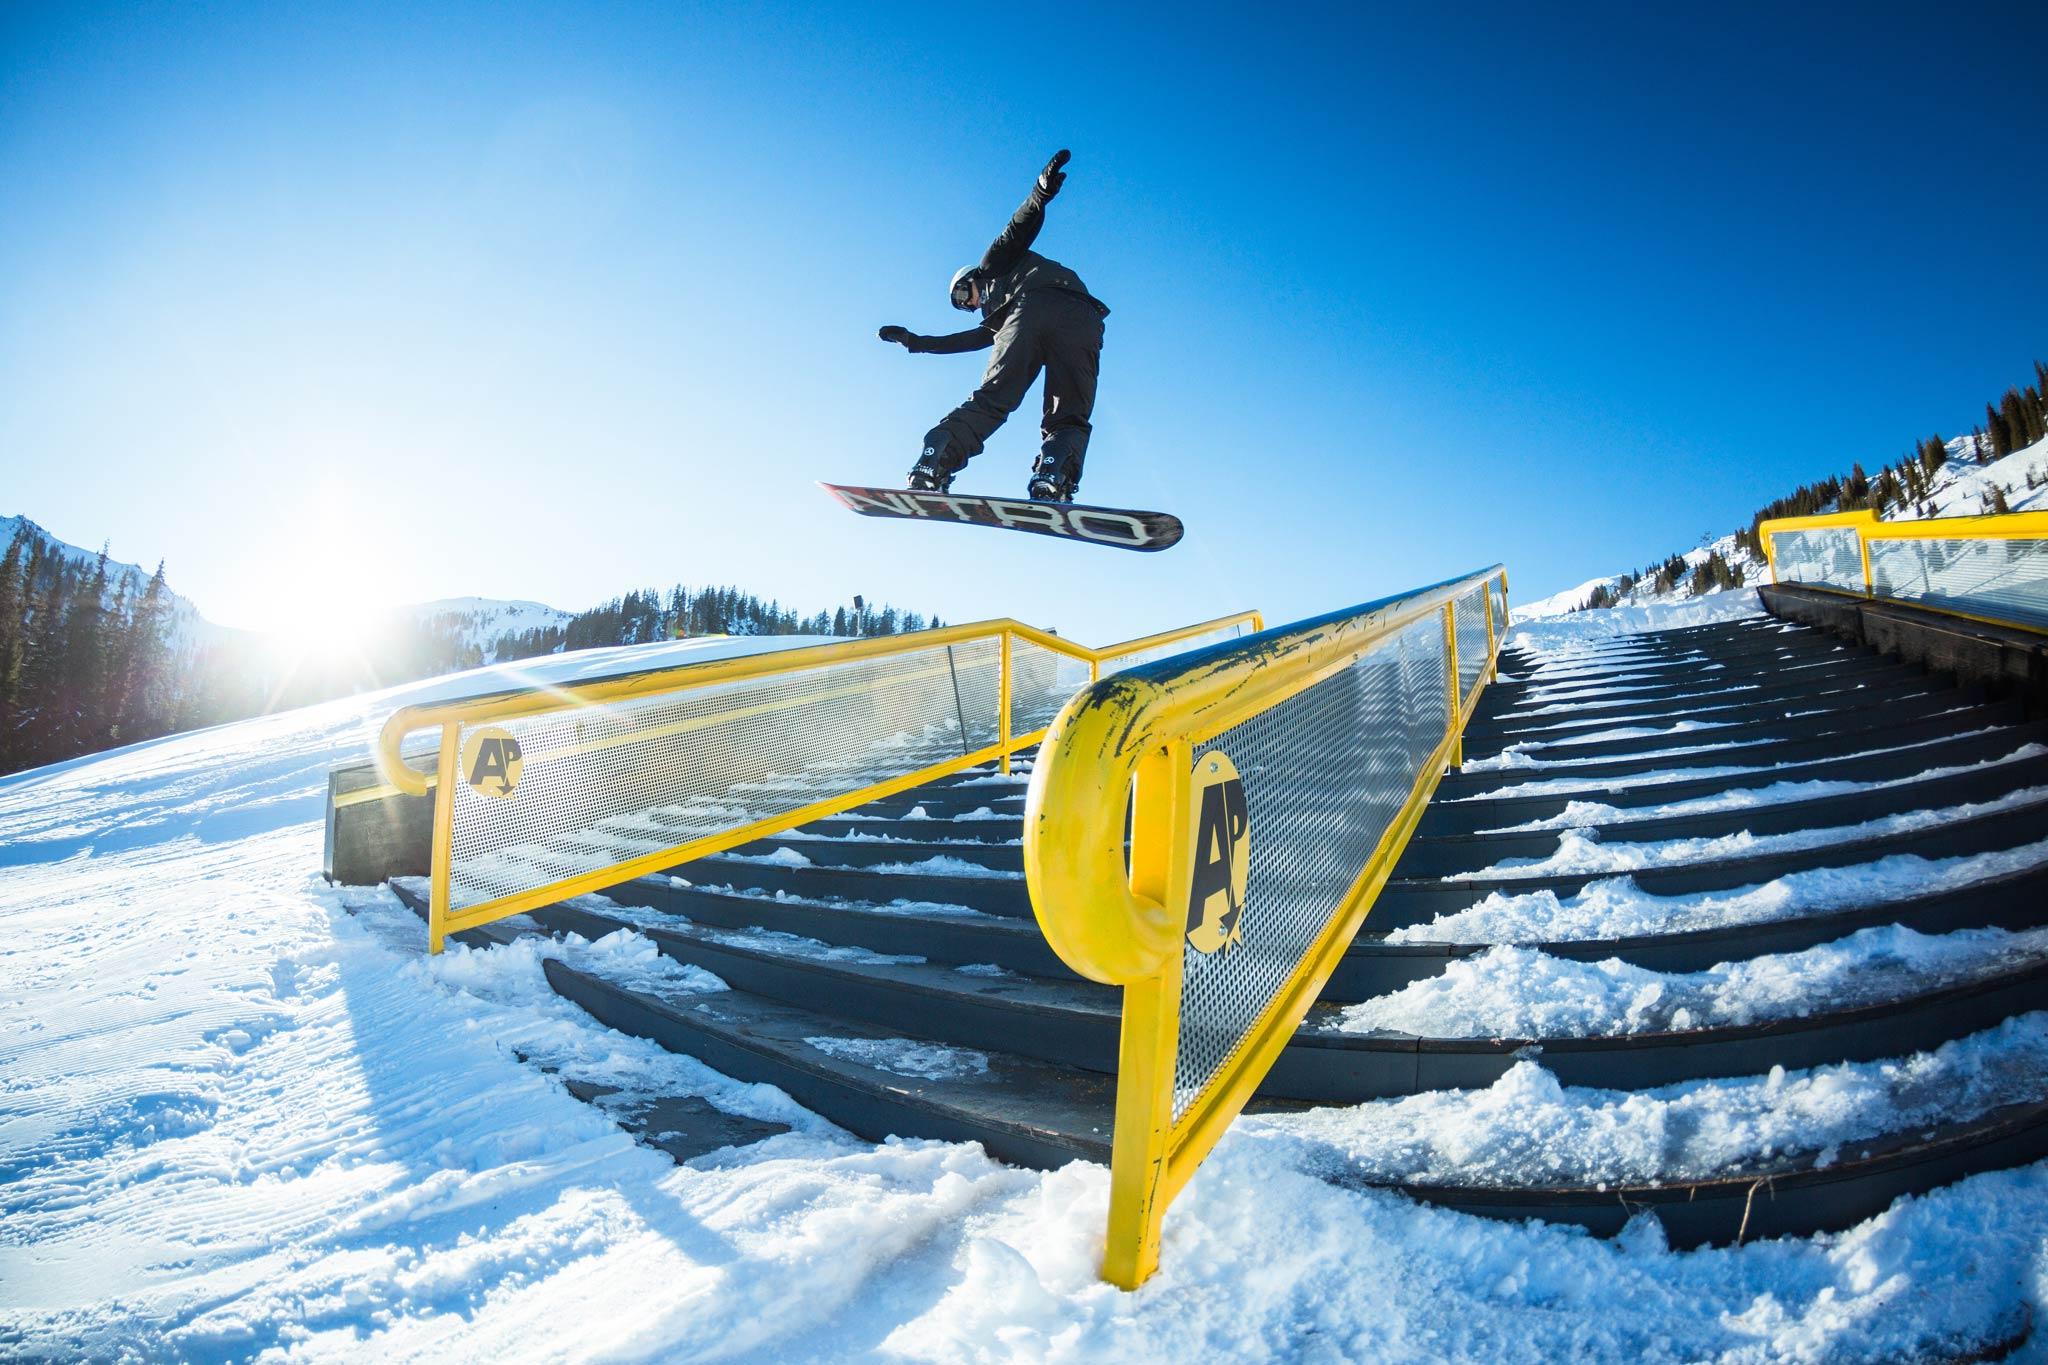 In den insgesamt sieben Bereichen bietet der Absolut Park Flachauwinkl von Jibs in allen Variationen über kleine Jumps bis hin zu einer fetten Pro Line so ziemlich alles was man als Freestyler erwarten kann. - Foto: Markus Rohrbacher